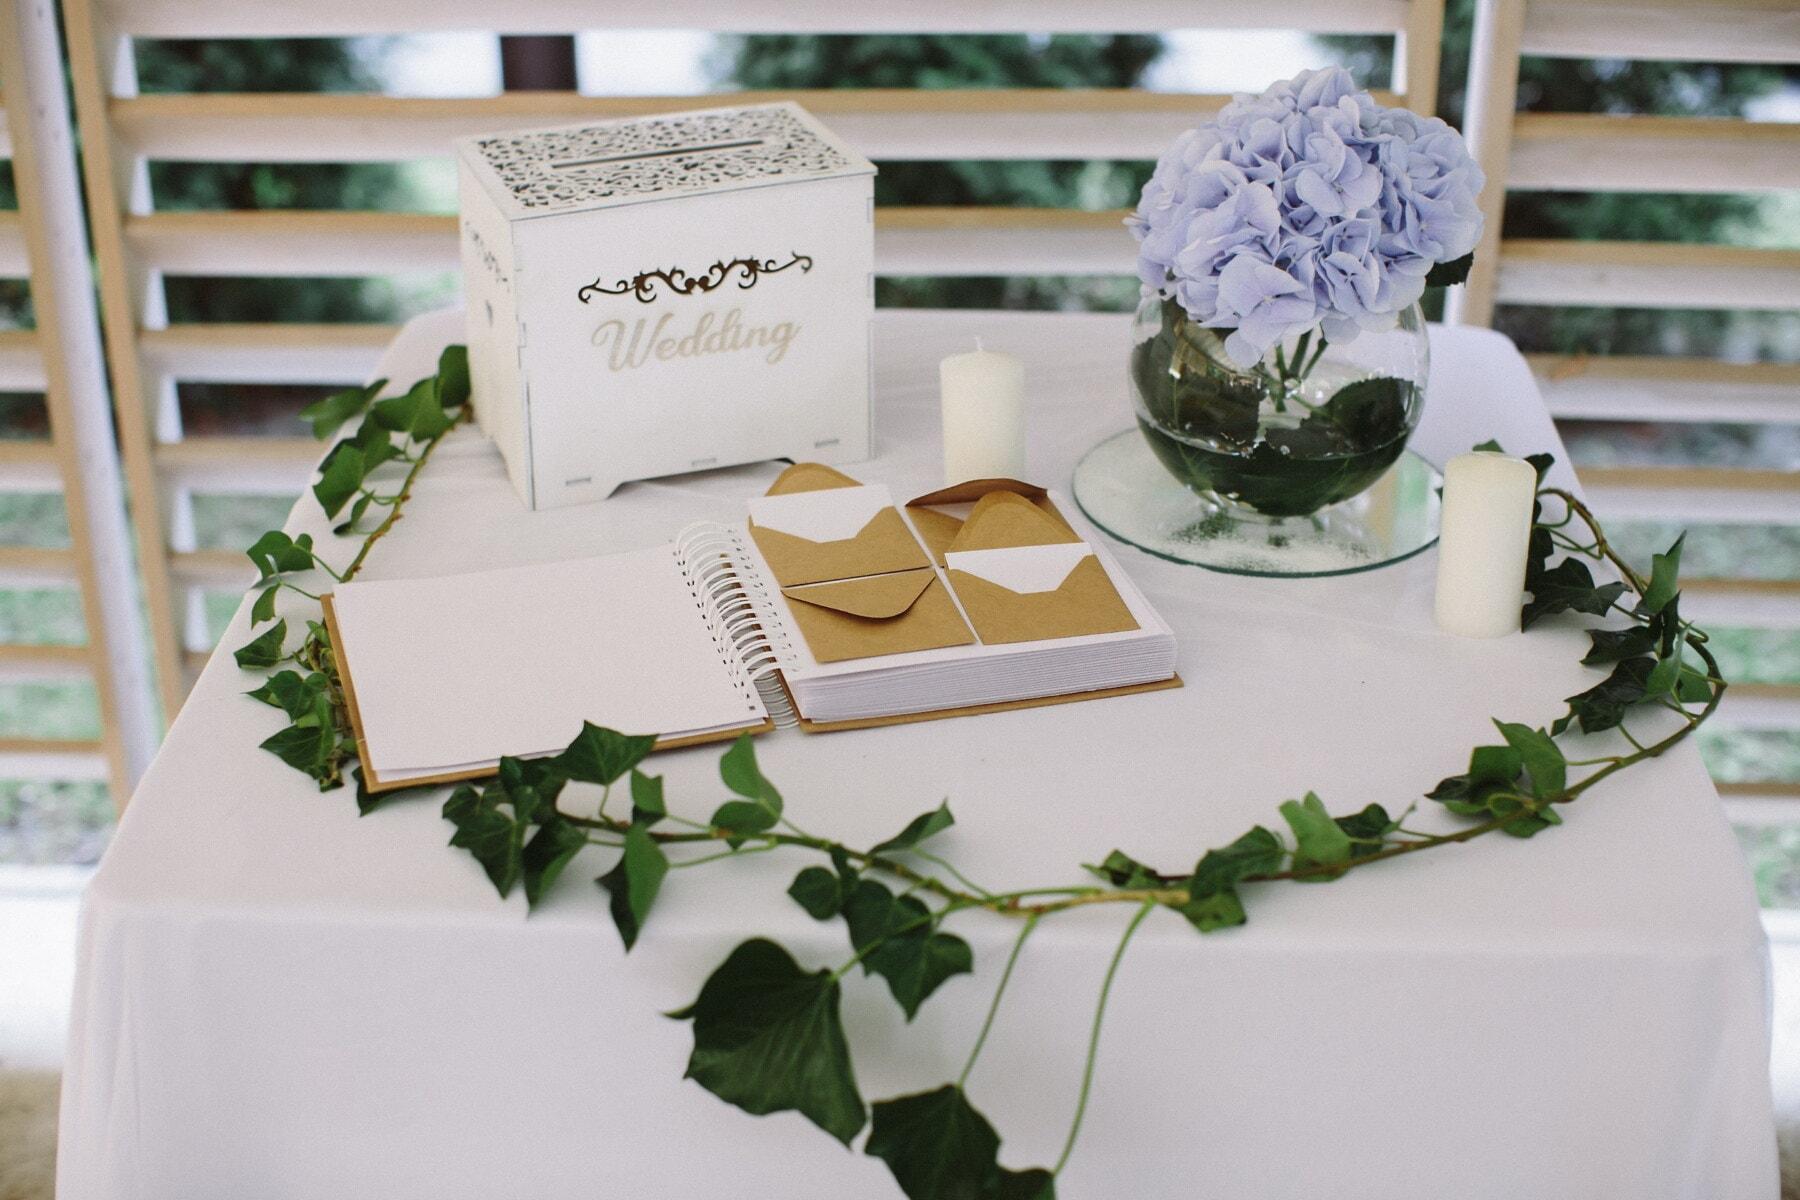 mariage, livre, couverture rigide, design d'intérieur, nature morte, feuille, fleur, nature, papier, bougie